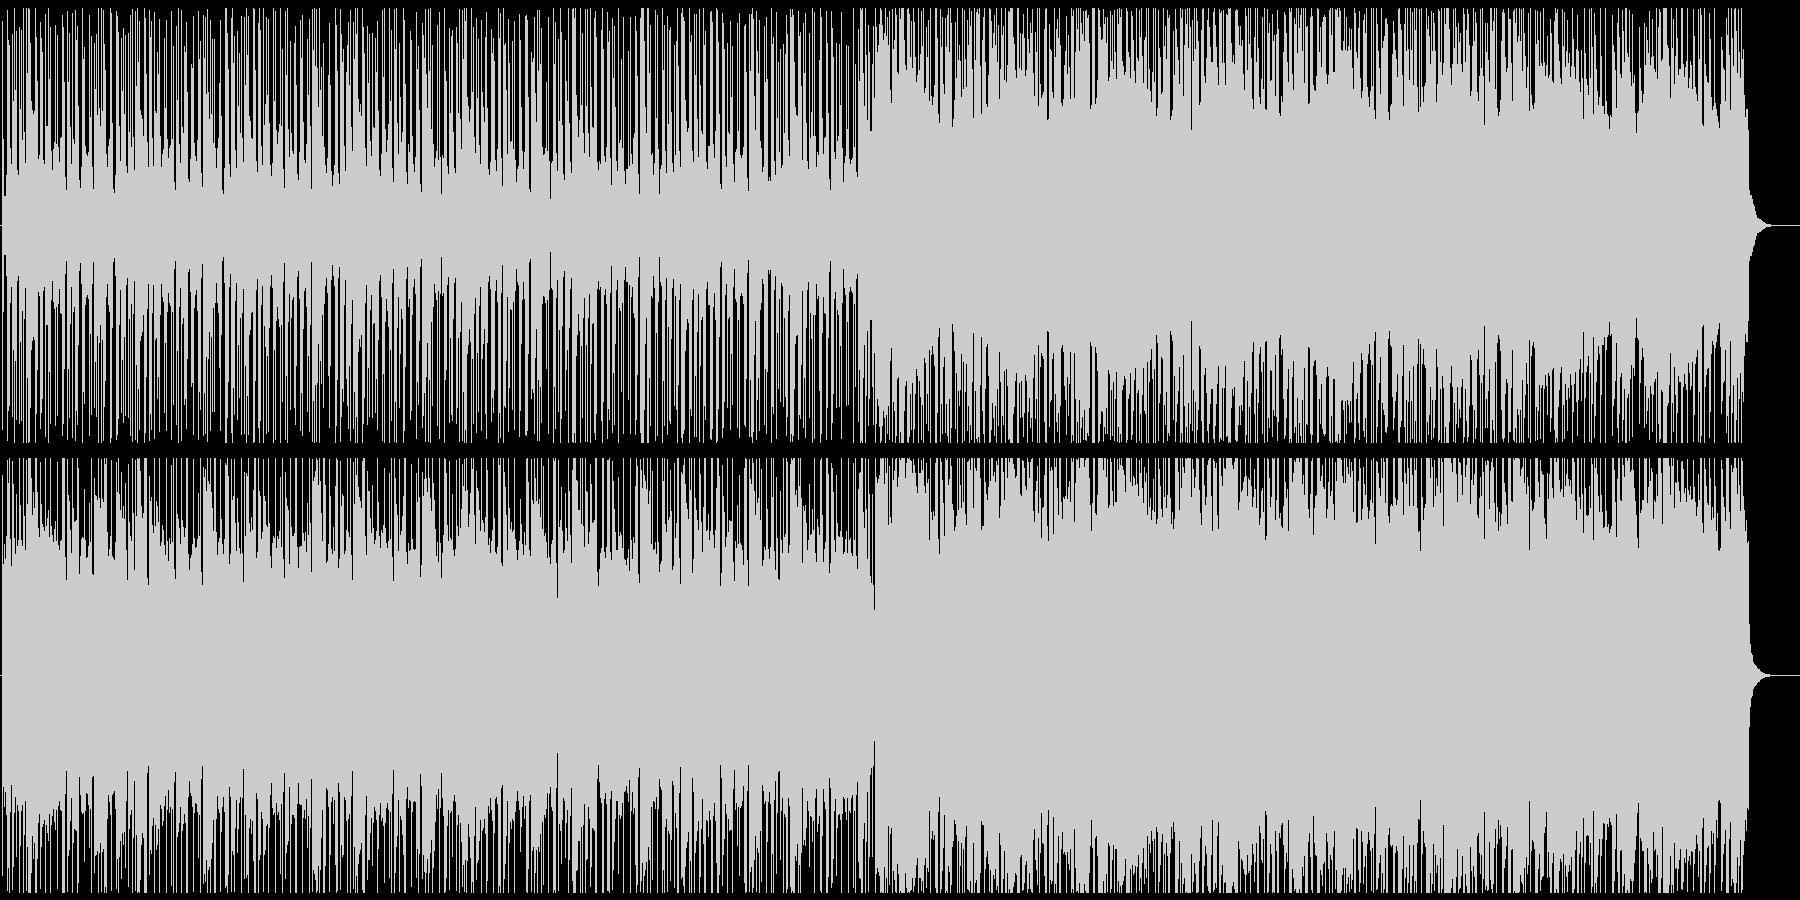 木琴メロディーのしっとりしたビート曲の未再生の波形